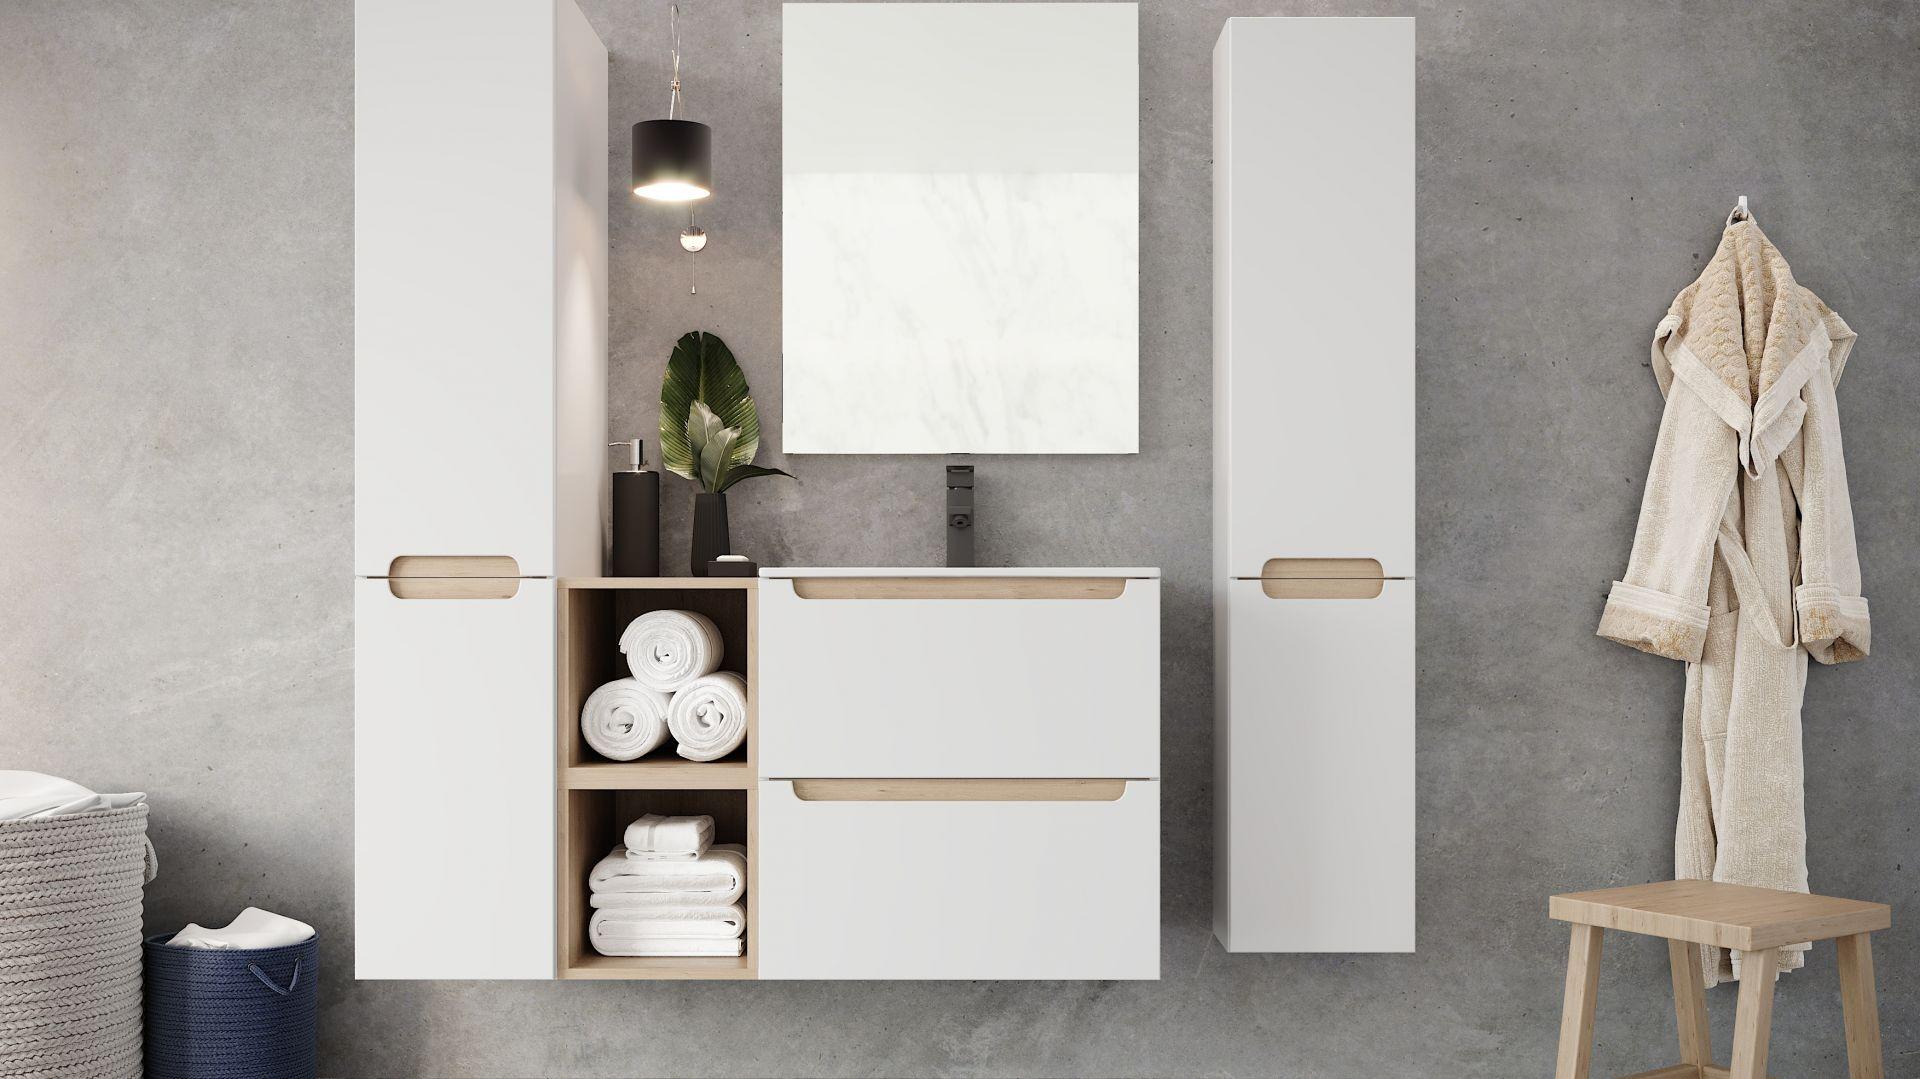 Szafka pod umywalkę z kolekcji mebli łazienkowych Stilla marki Ø NAS. Fot. Deftrans